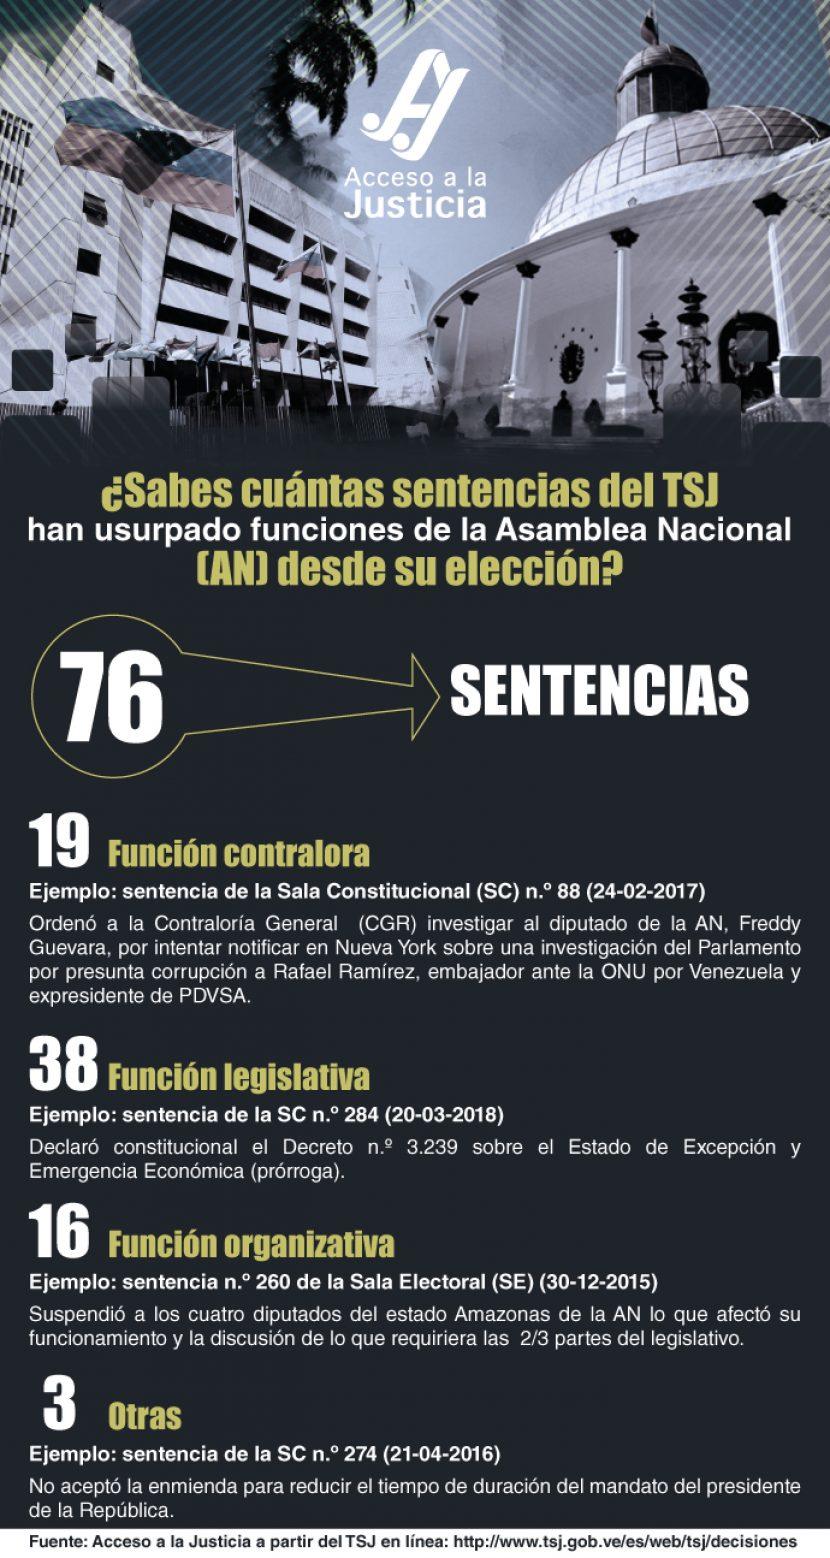 Tribunal Supremo de Justicia y usurpación de funciones de la Asamblea Nacional